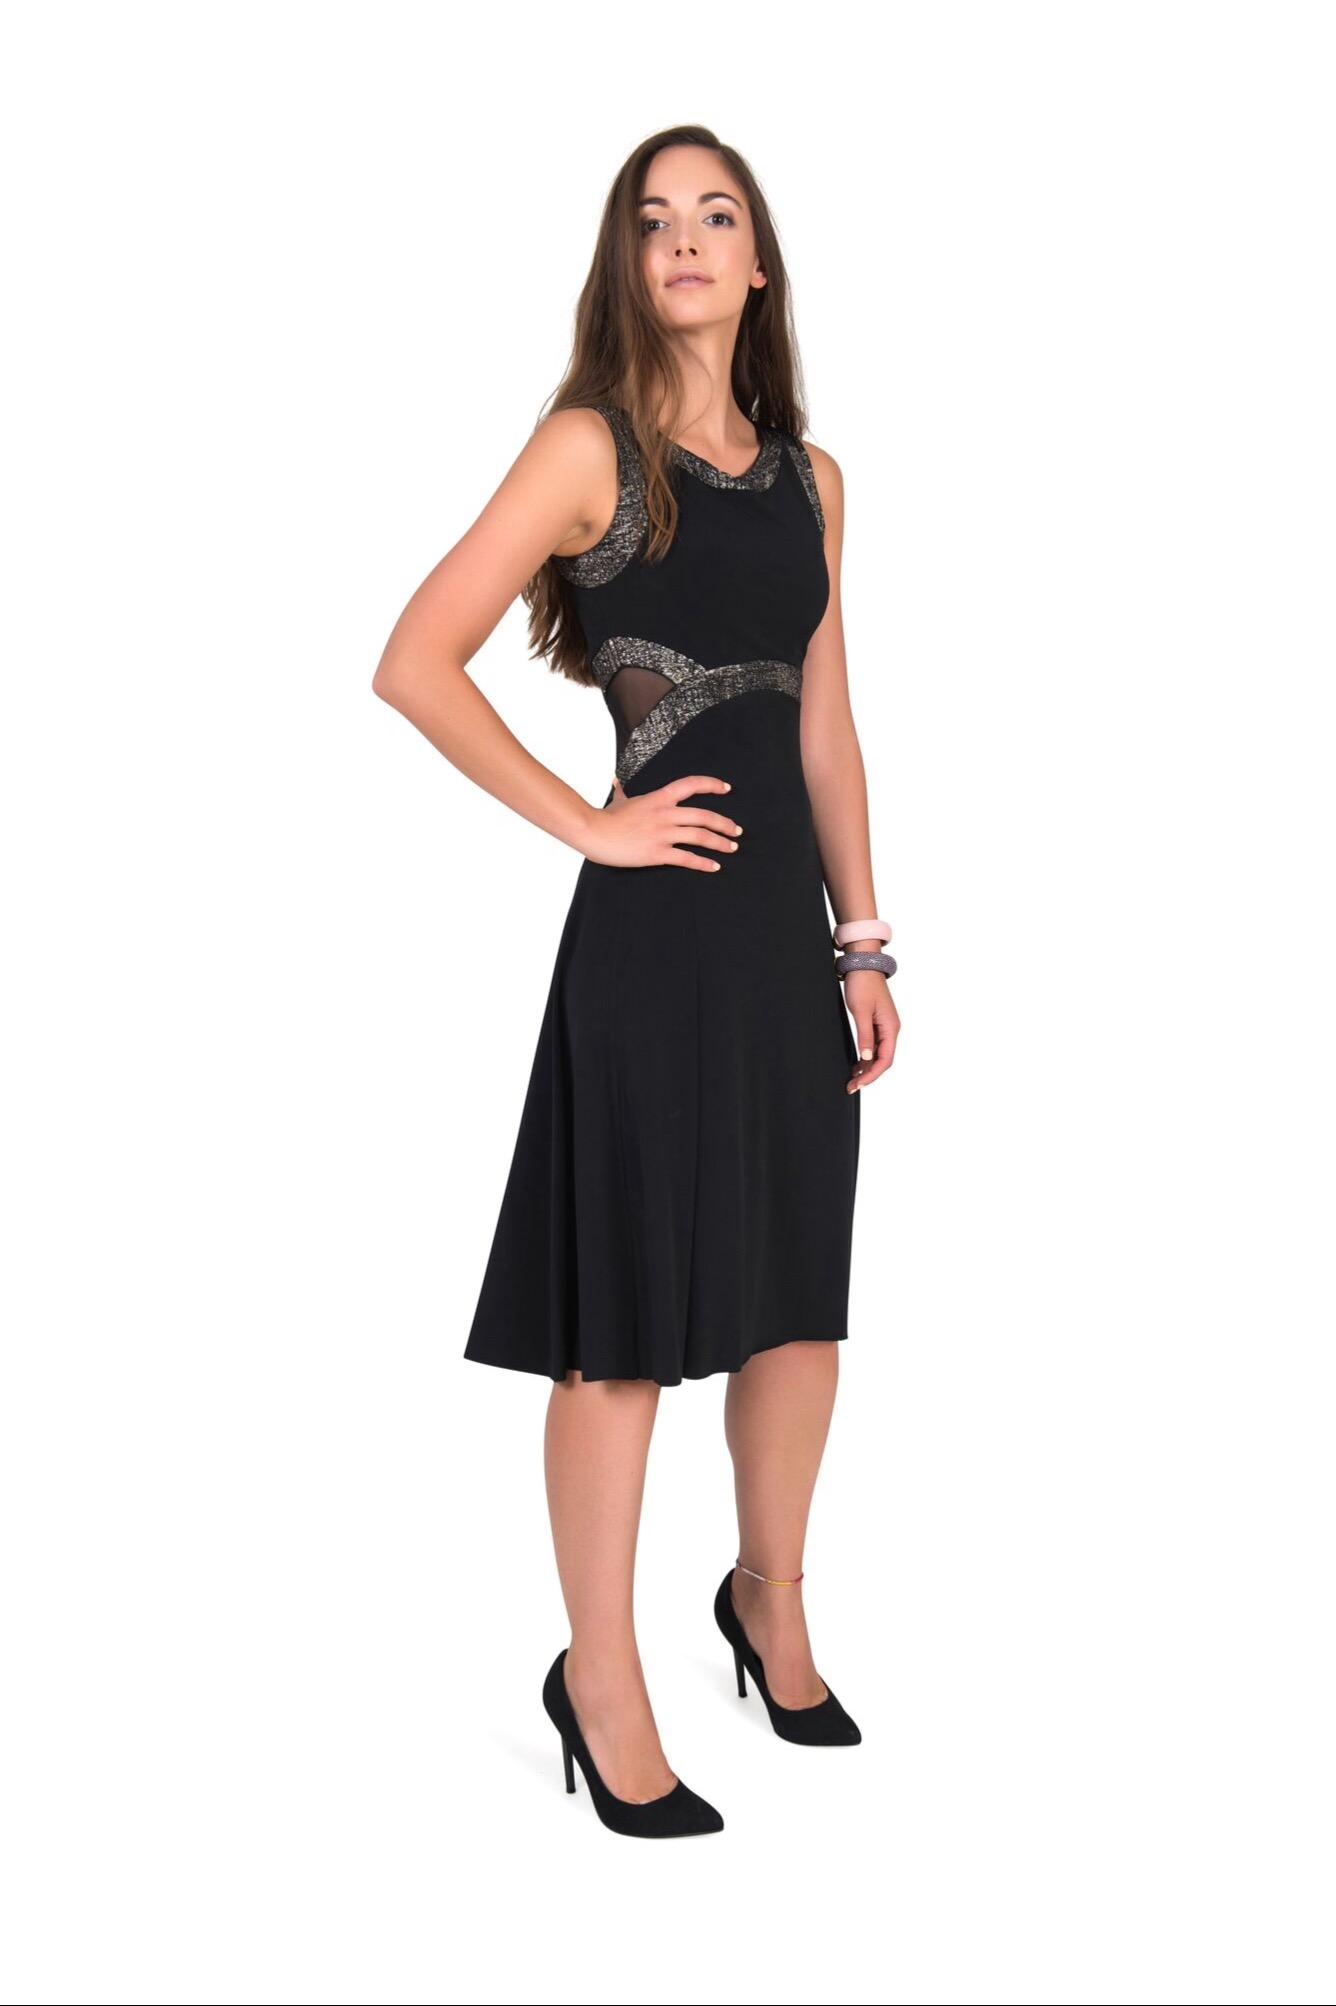 A woman elegantly wearing a black Tango dress